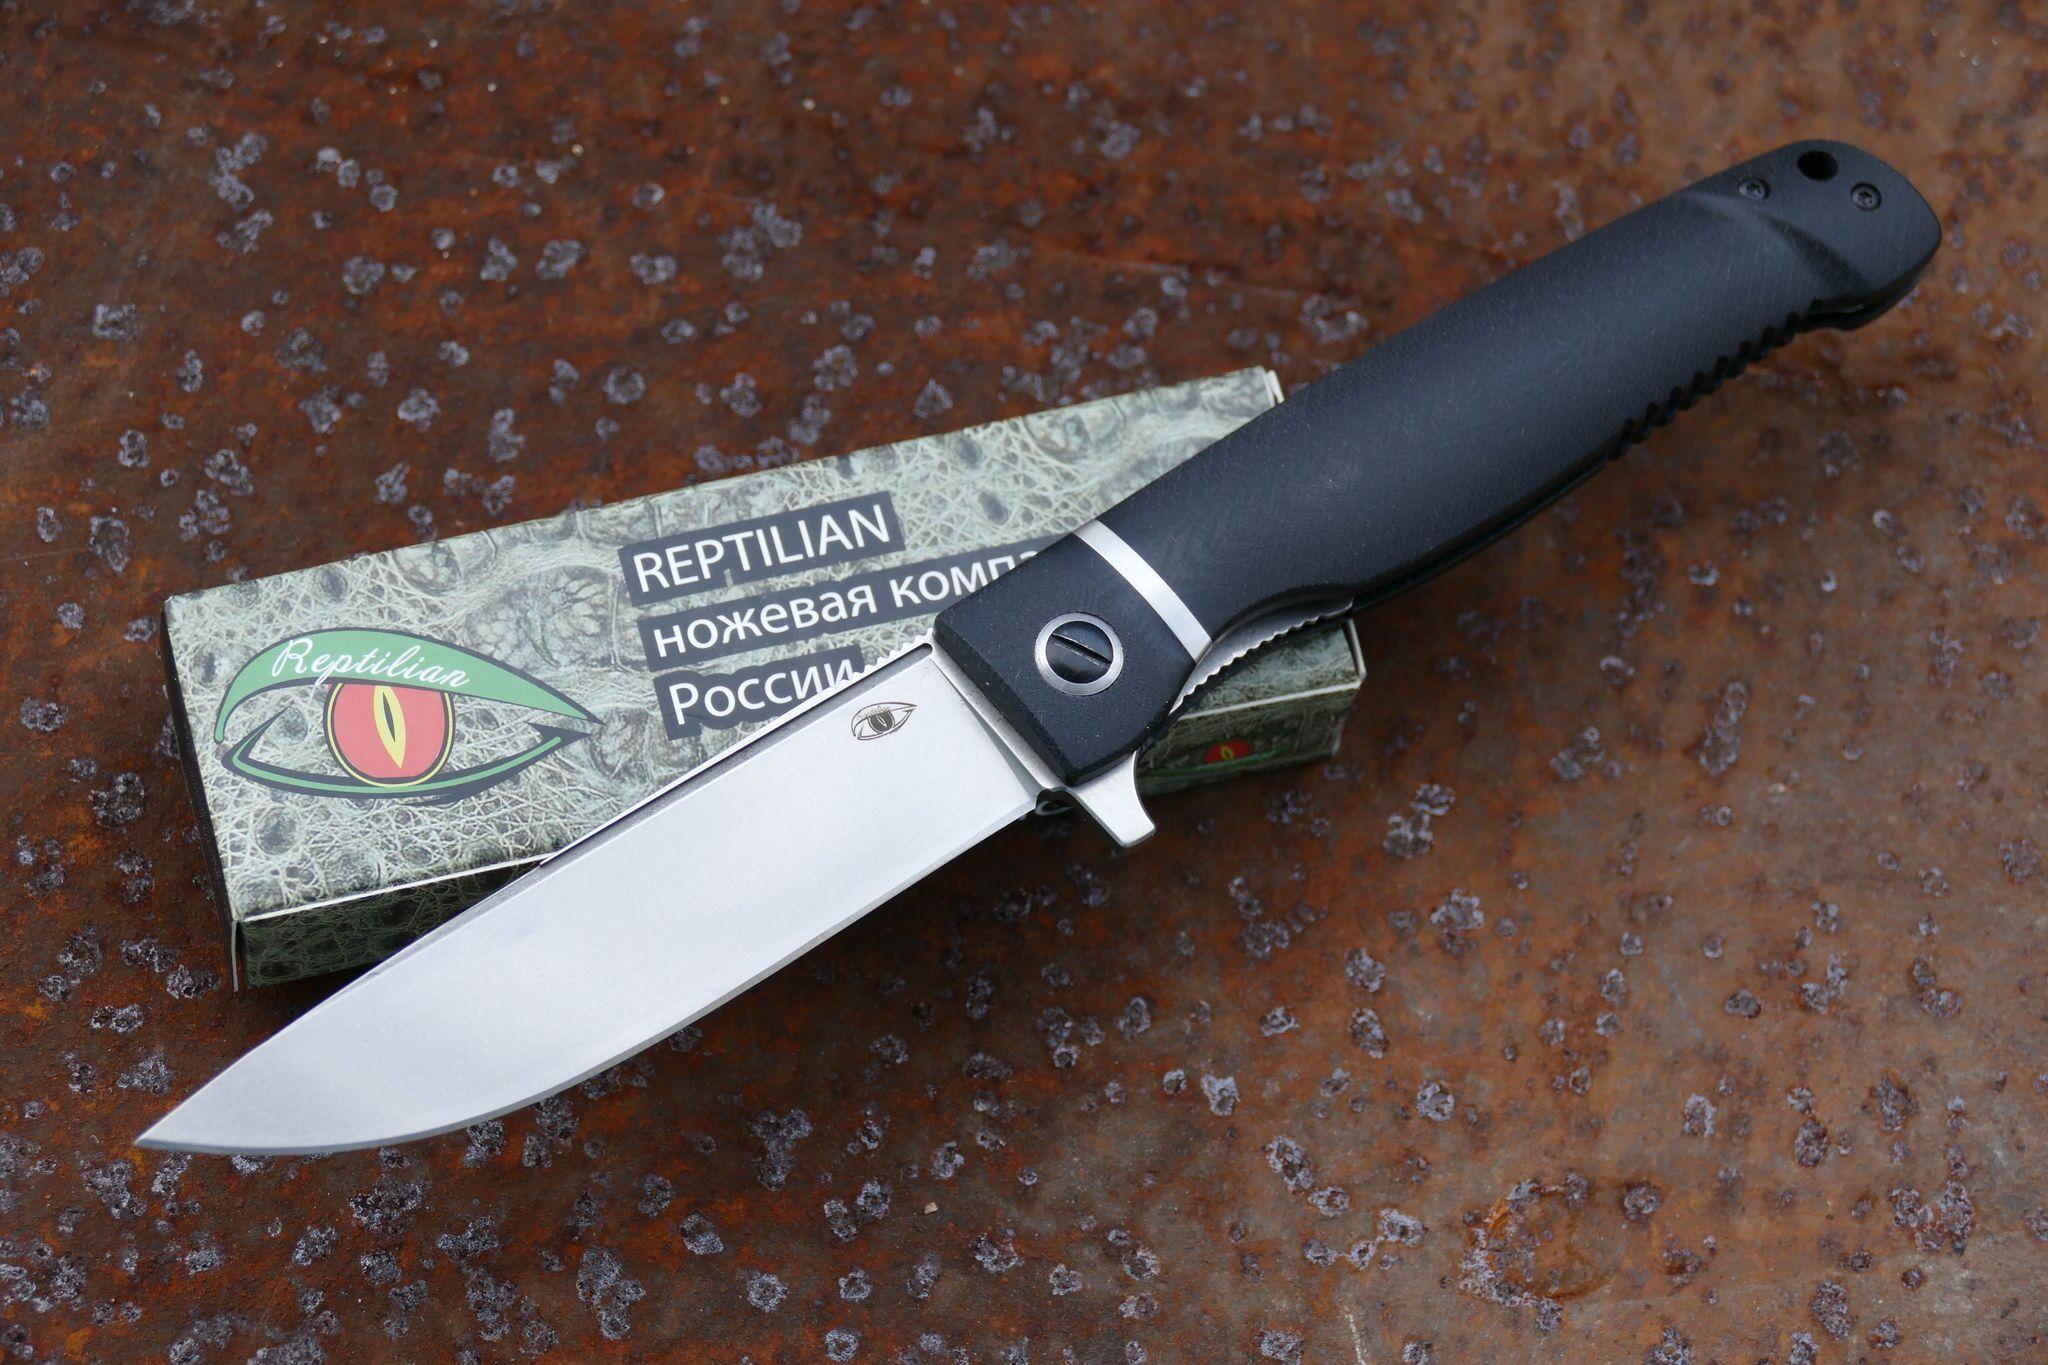 Складной нож Карат 1Раскладные ножи<br>марка стали: D2твёрдость: HRC60-61длина общая: 238ммдлина клинка: 106ммширина клинка наибольшая: 25ммтолщина обуха: 3.5ммвес: 126гртип замка: liner lockМеханизм открытия: IKBS (шарикоподшипниковая система)<br>